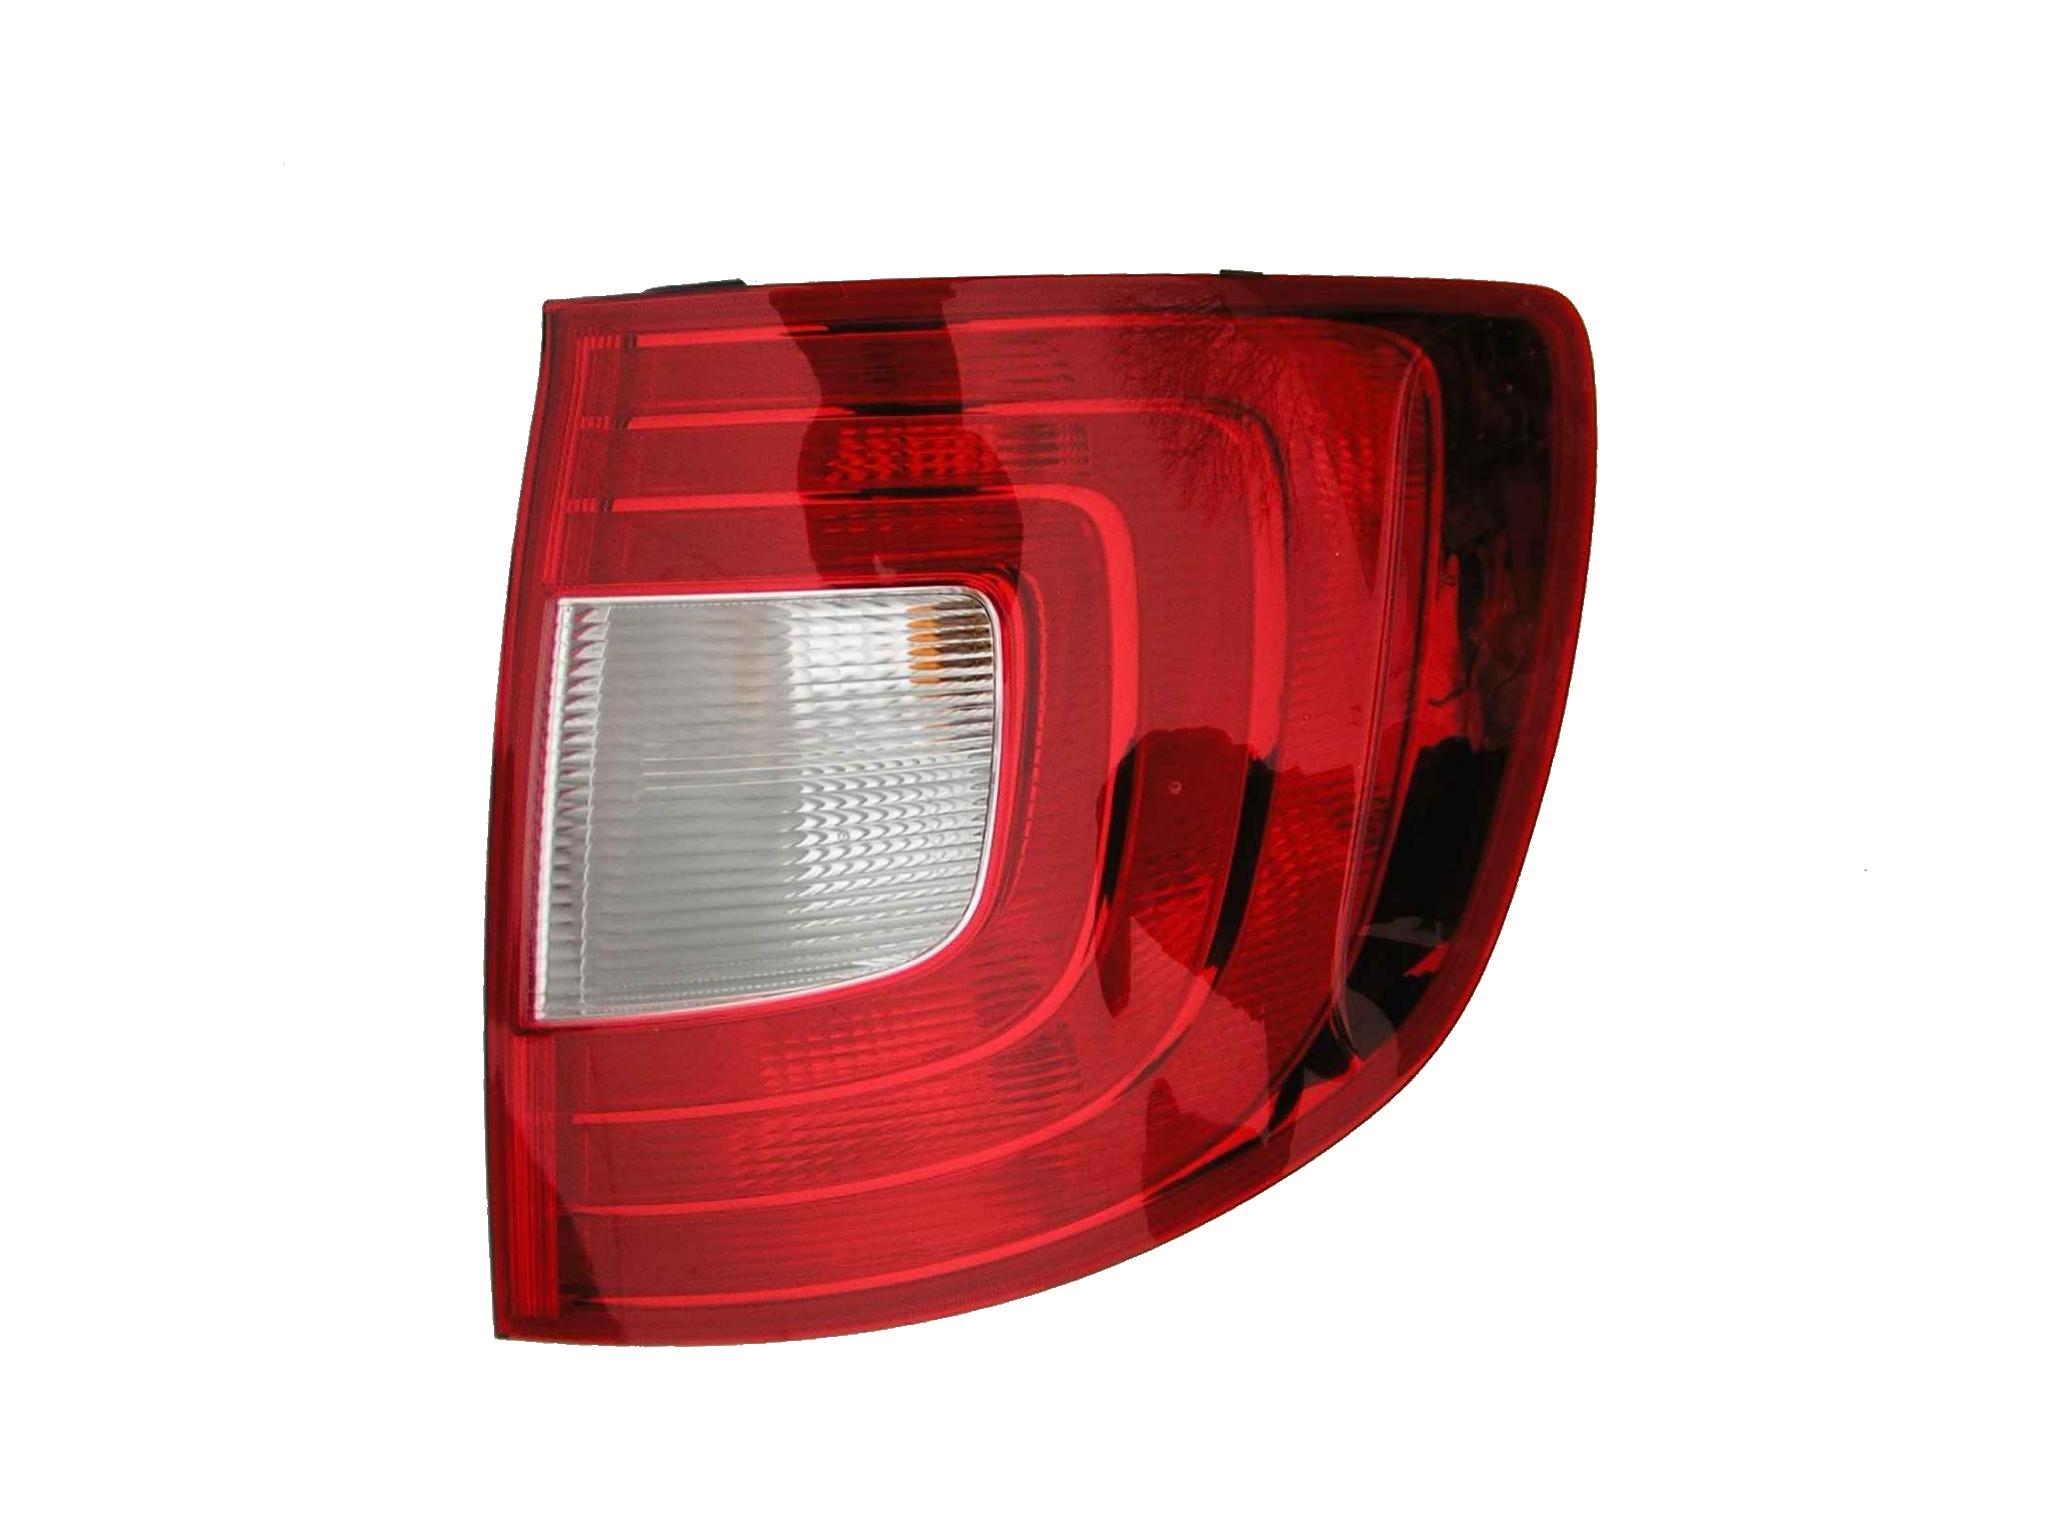 Světlo zadní koncové pravé Superb II combi 3T9945112 EU+